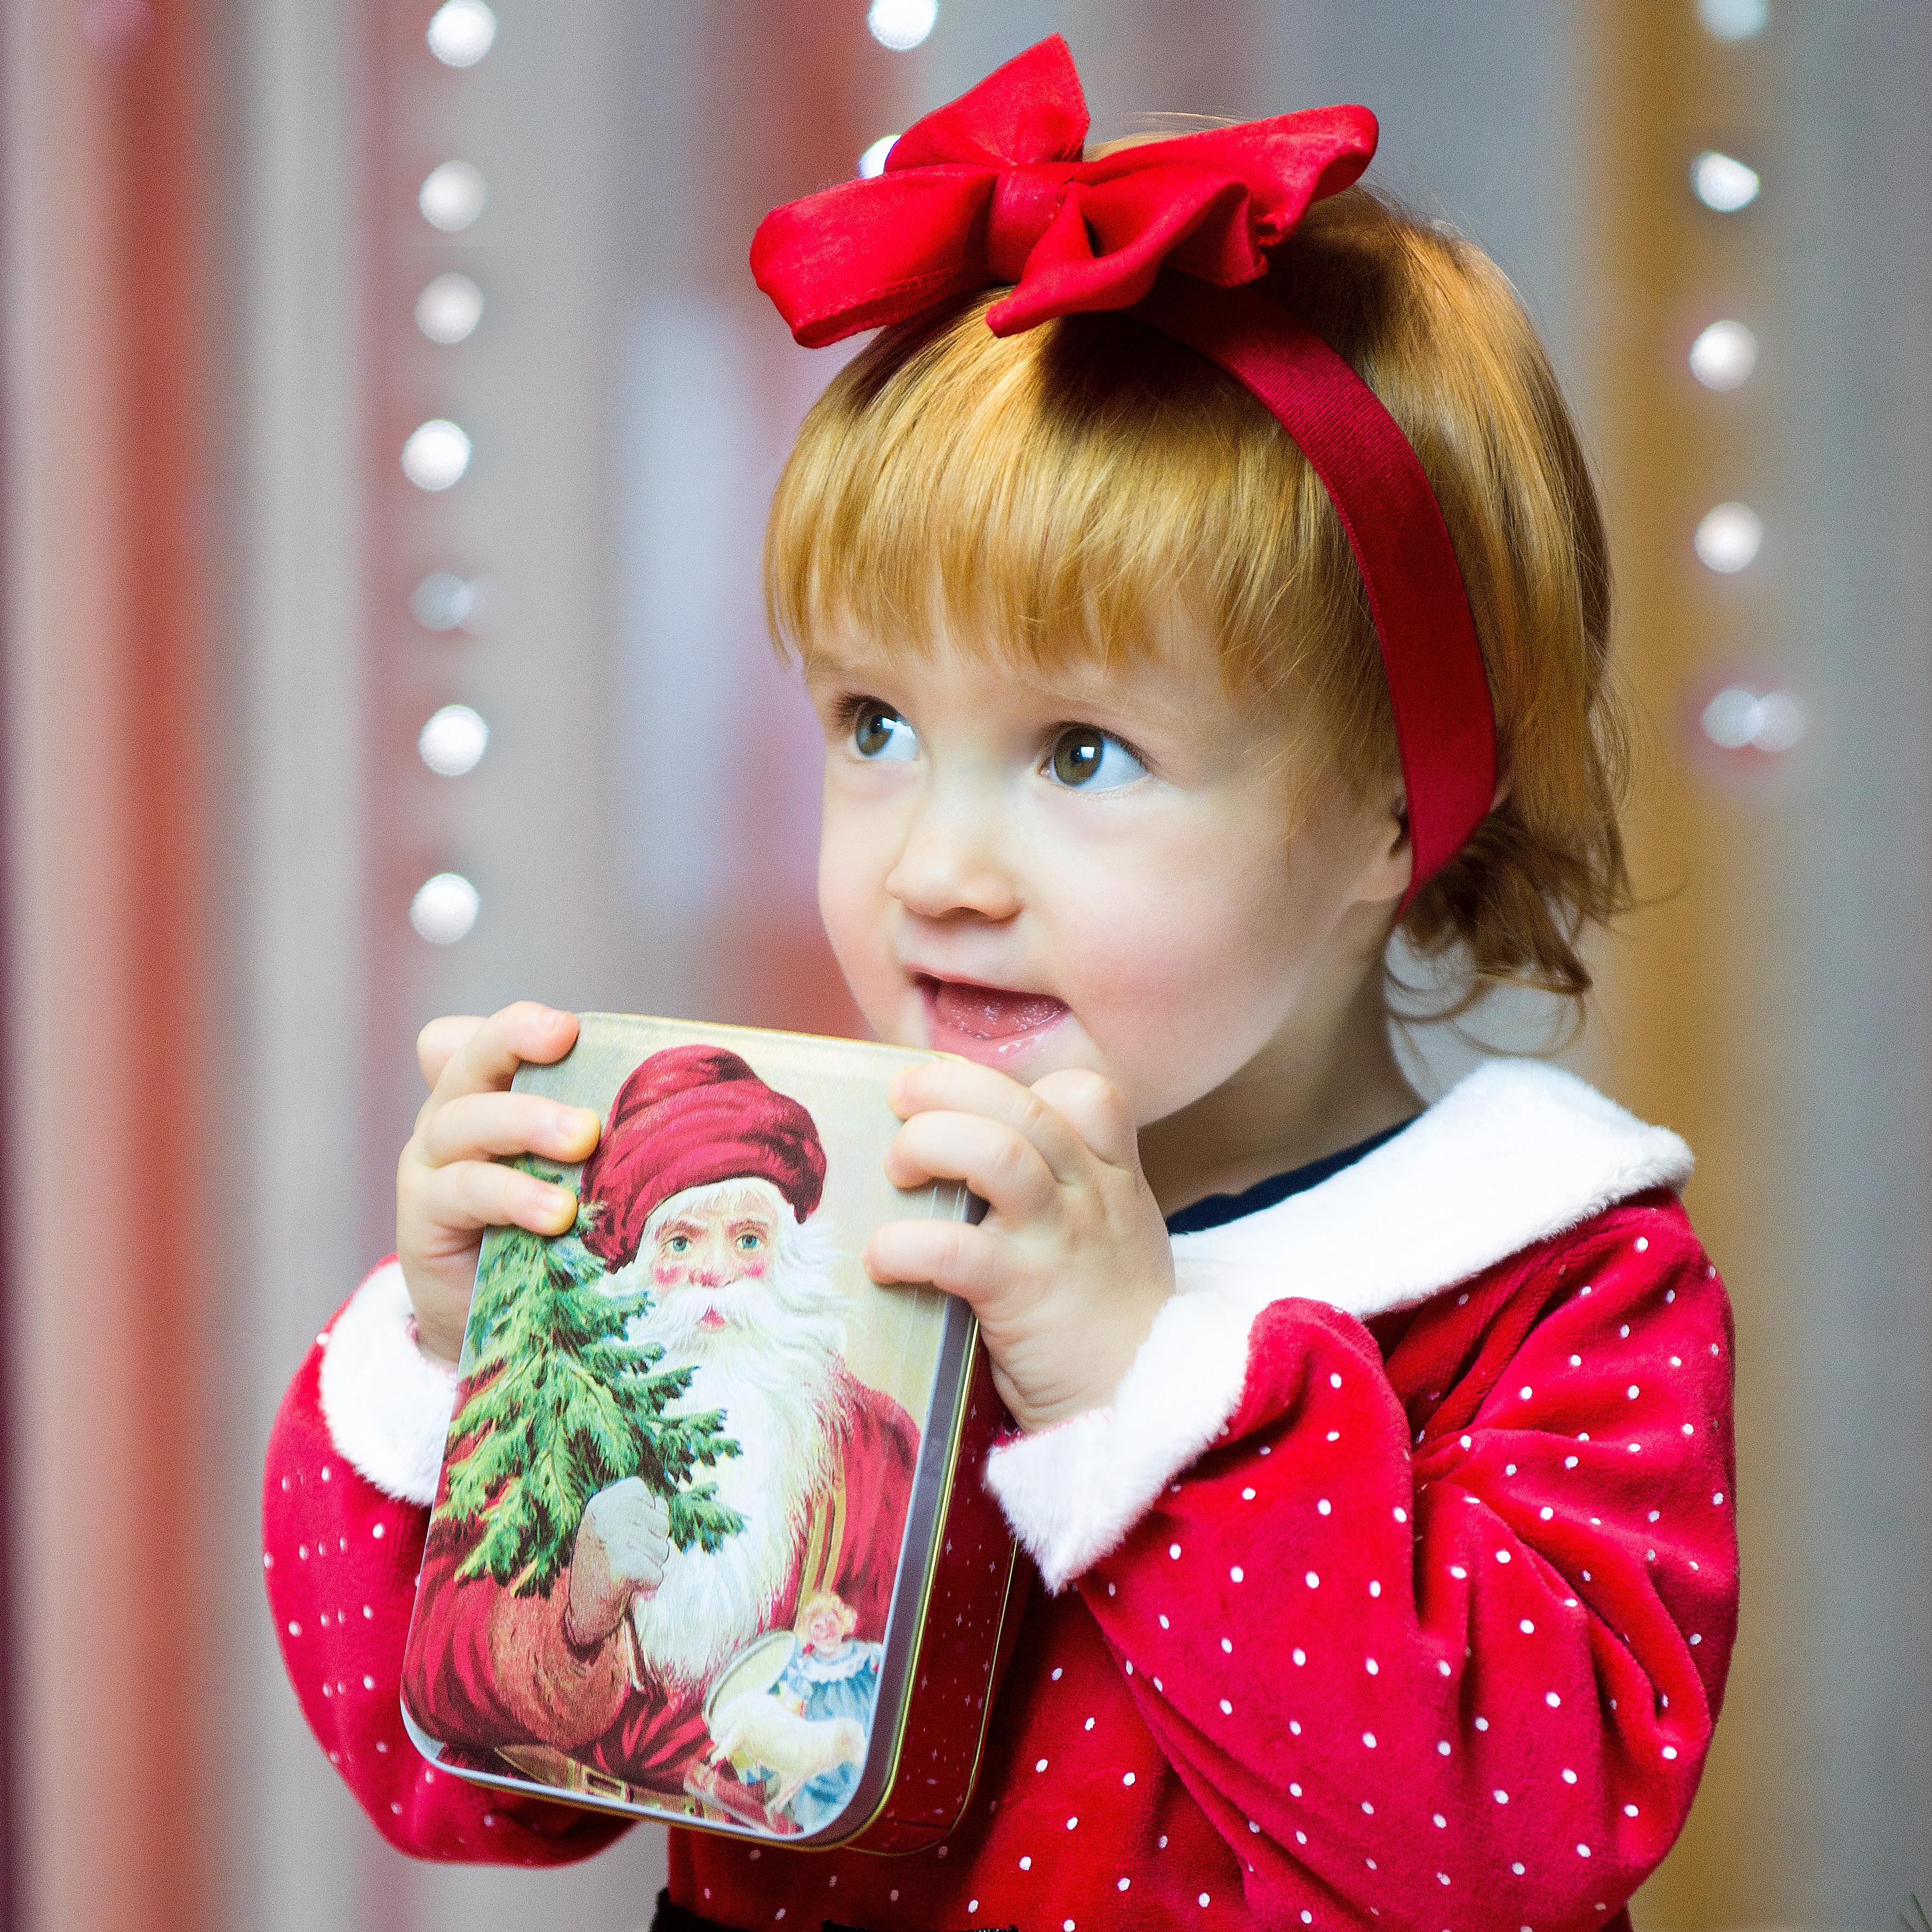 Fotoschooting auf dem Weihnachtsmarkt